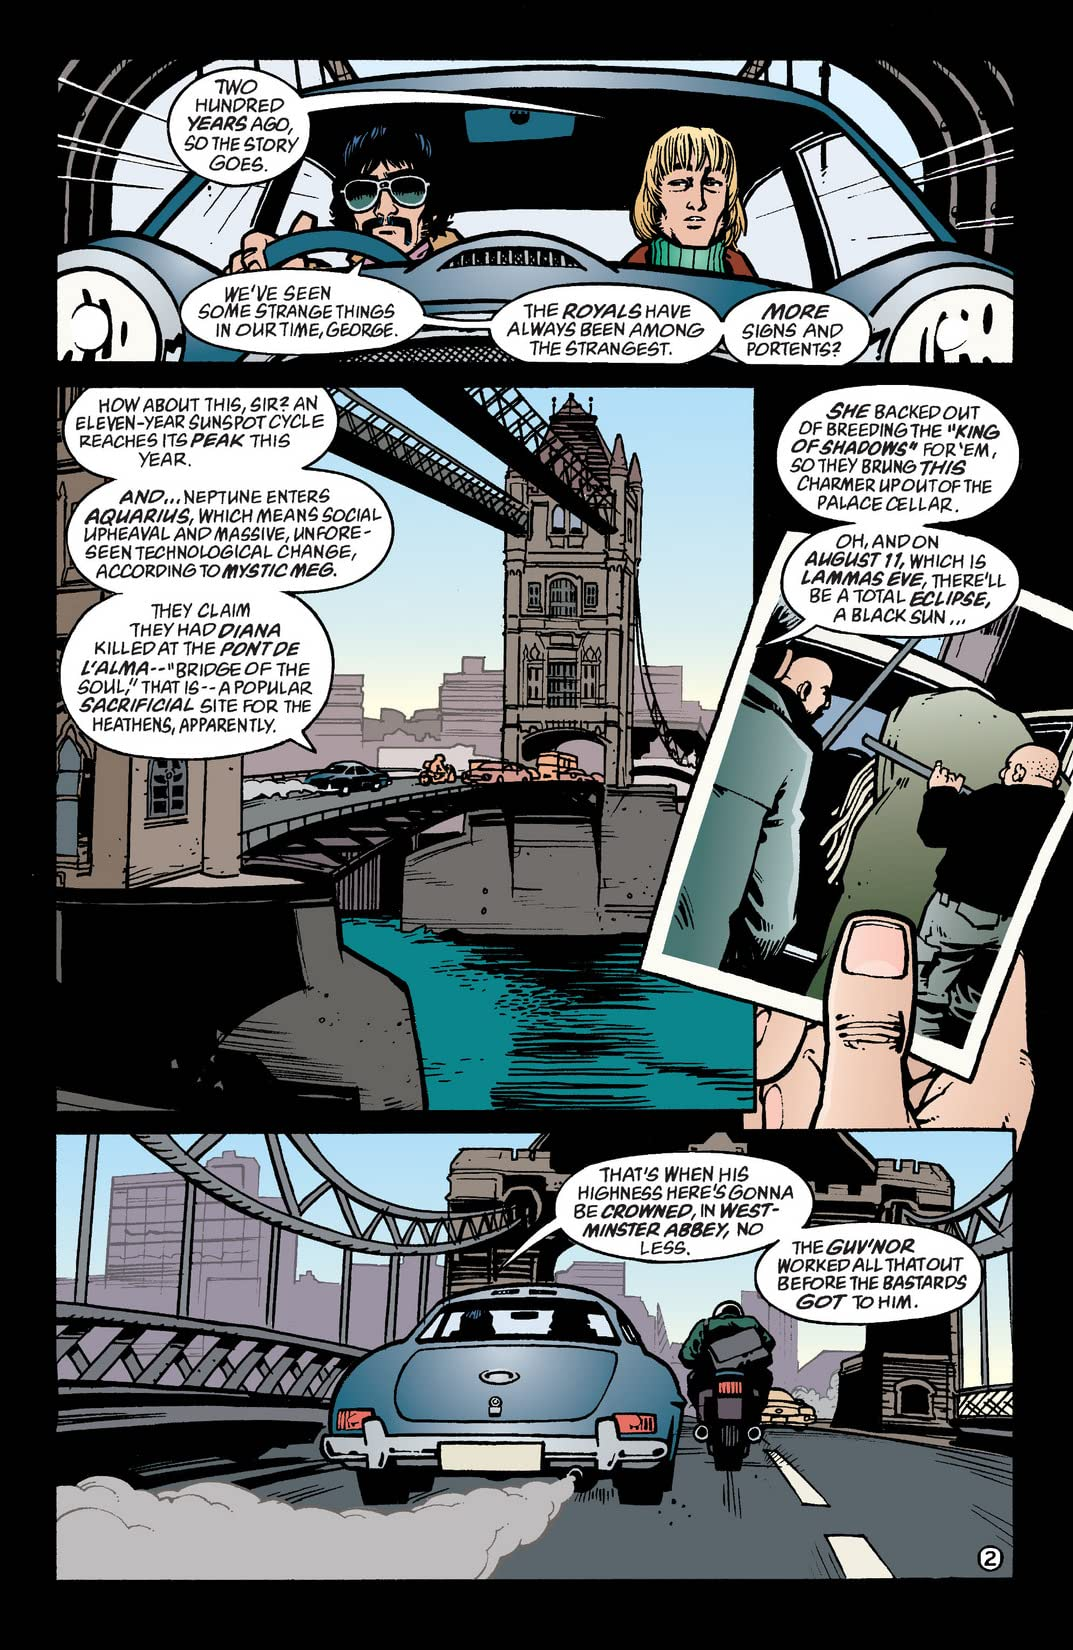 The Invisibles Vol. 3 #11